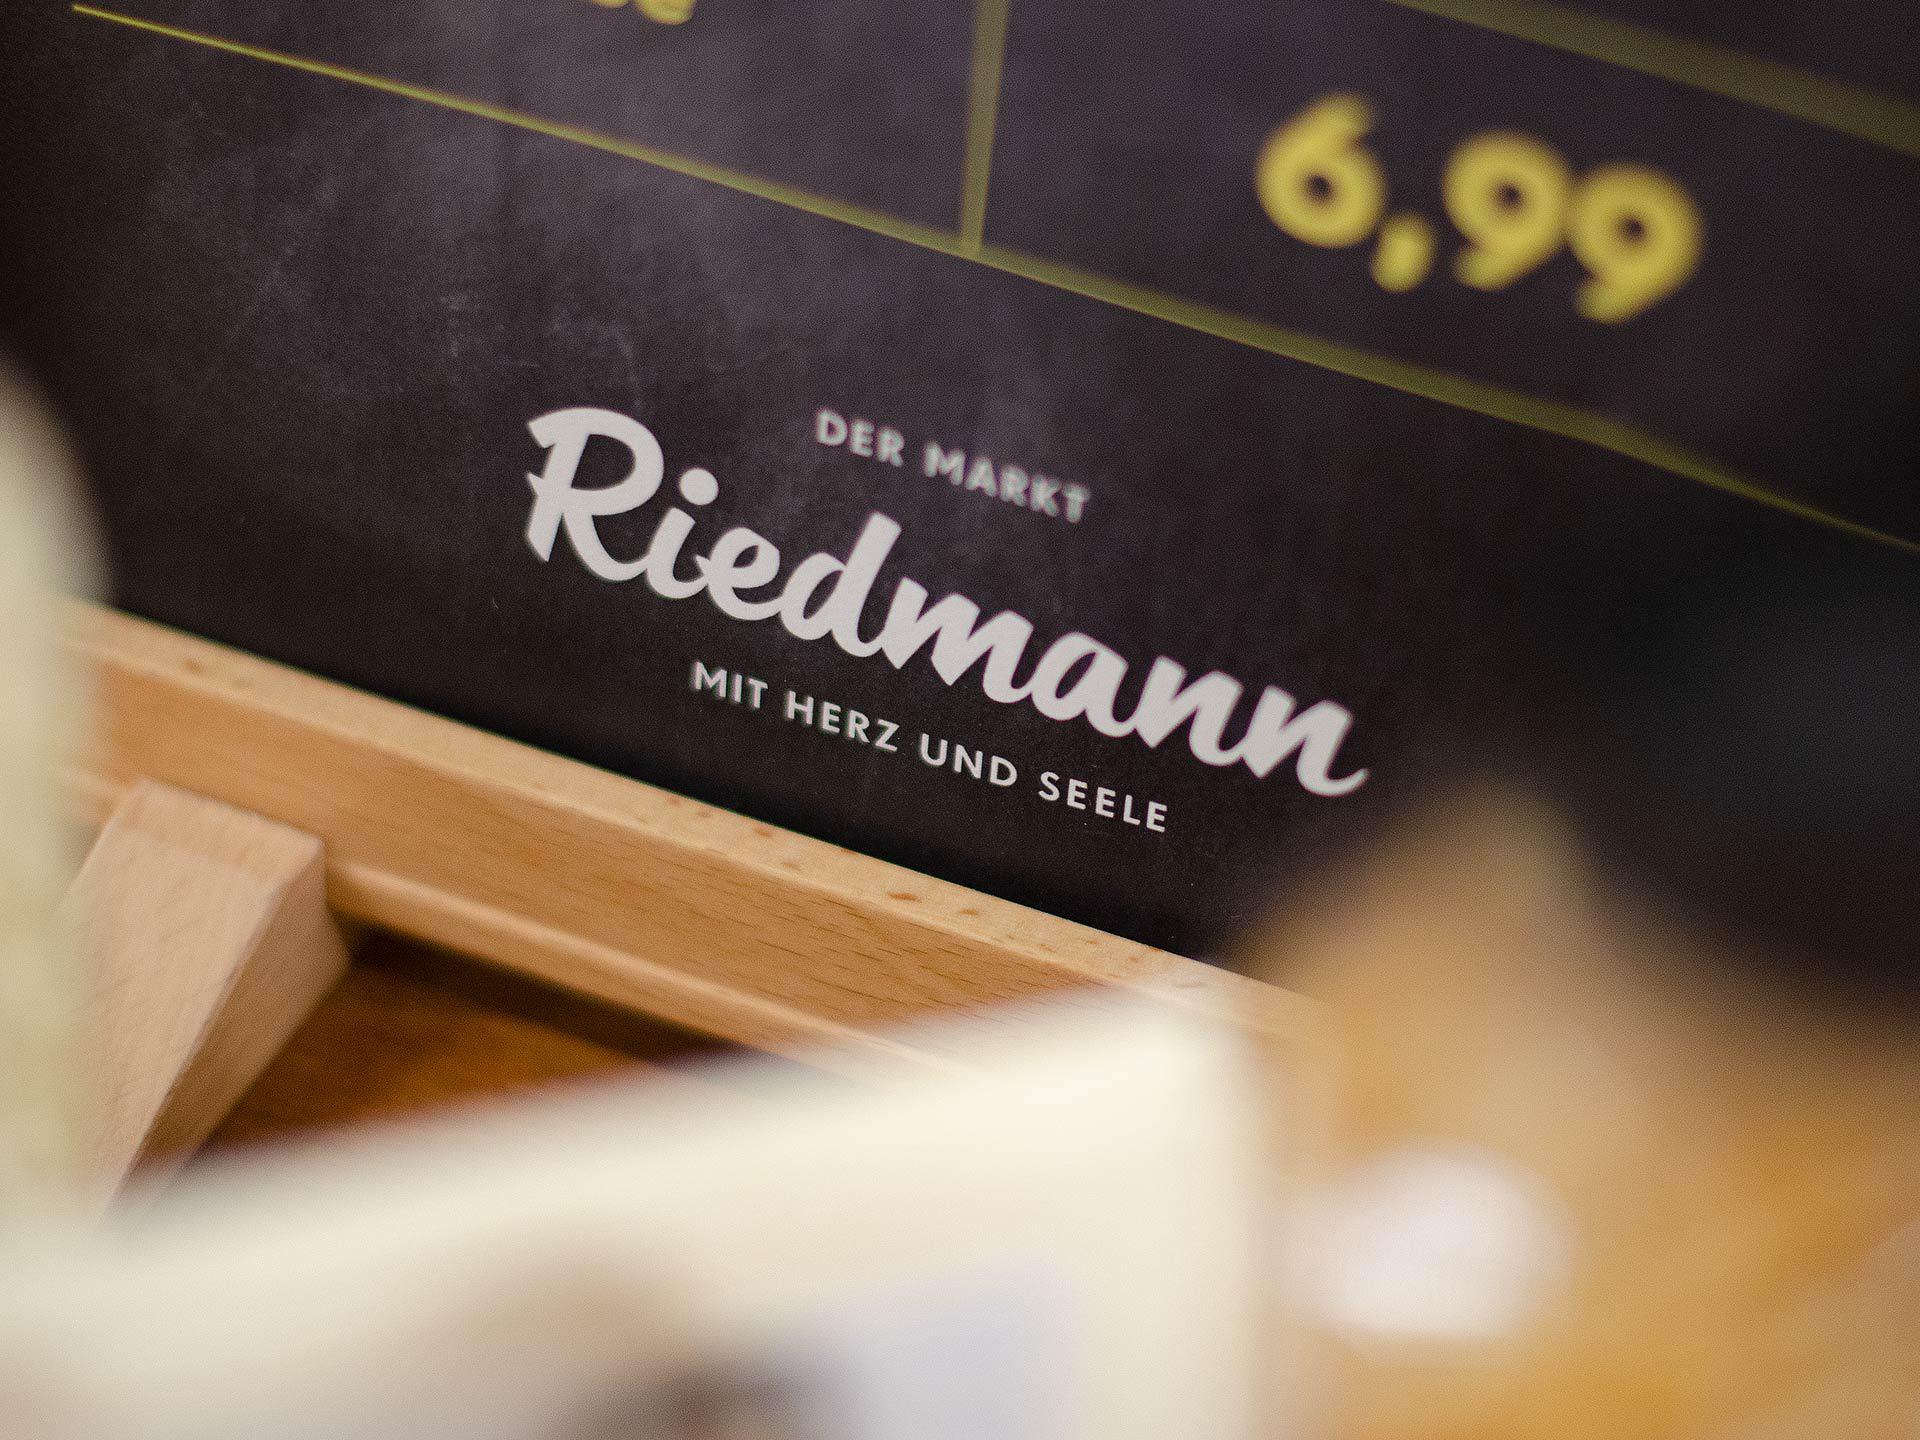 Riedmann 14